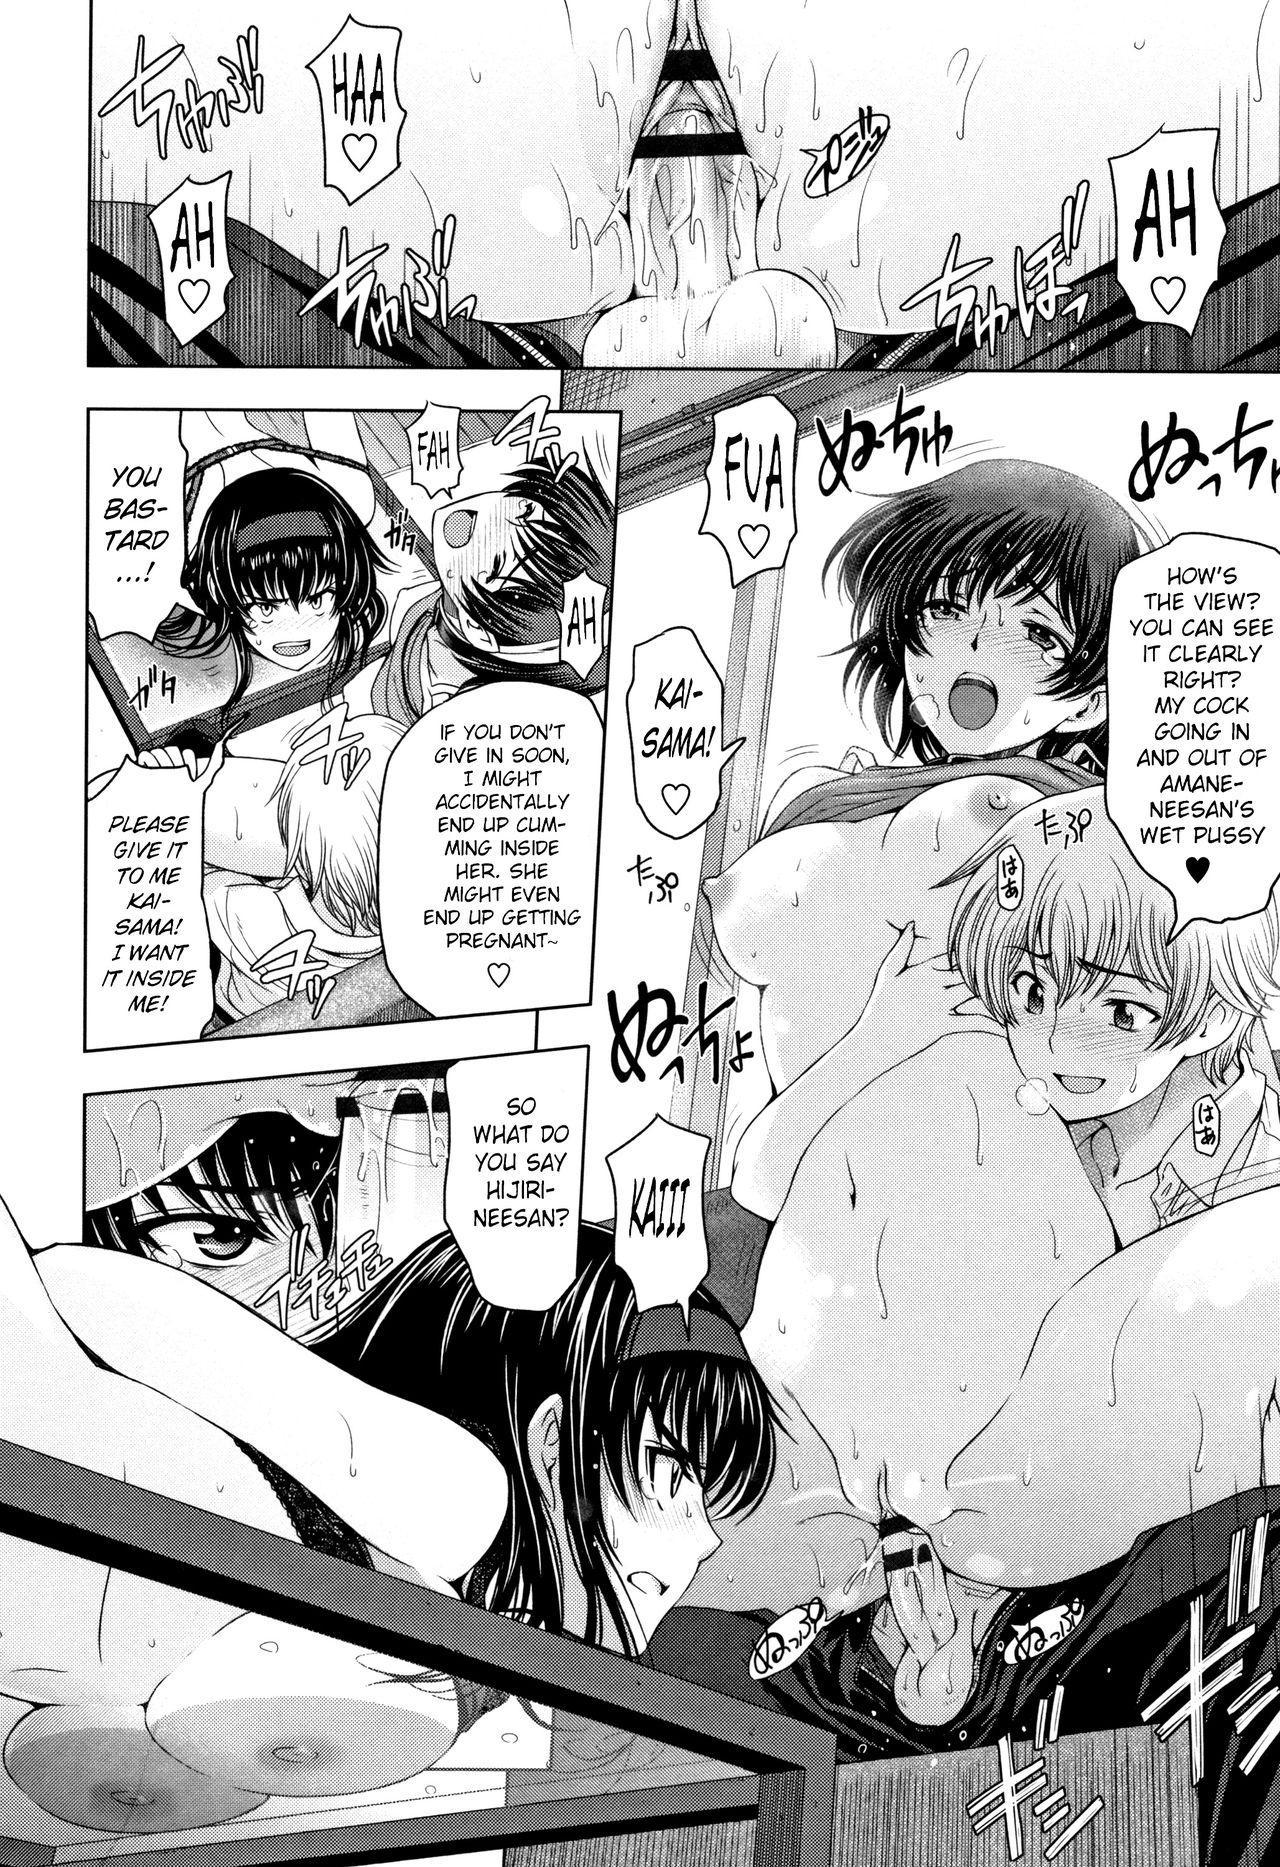 [Sena Youtarou] Natsu-jiru ~Ase ni Mamirete Gucchagucha~ Ch. 2-10 [English] [SaHa + Team Koinaka] 155